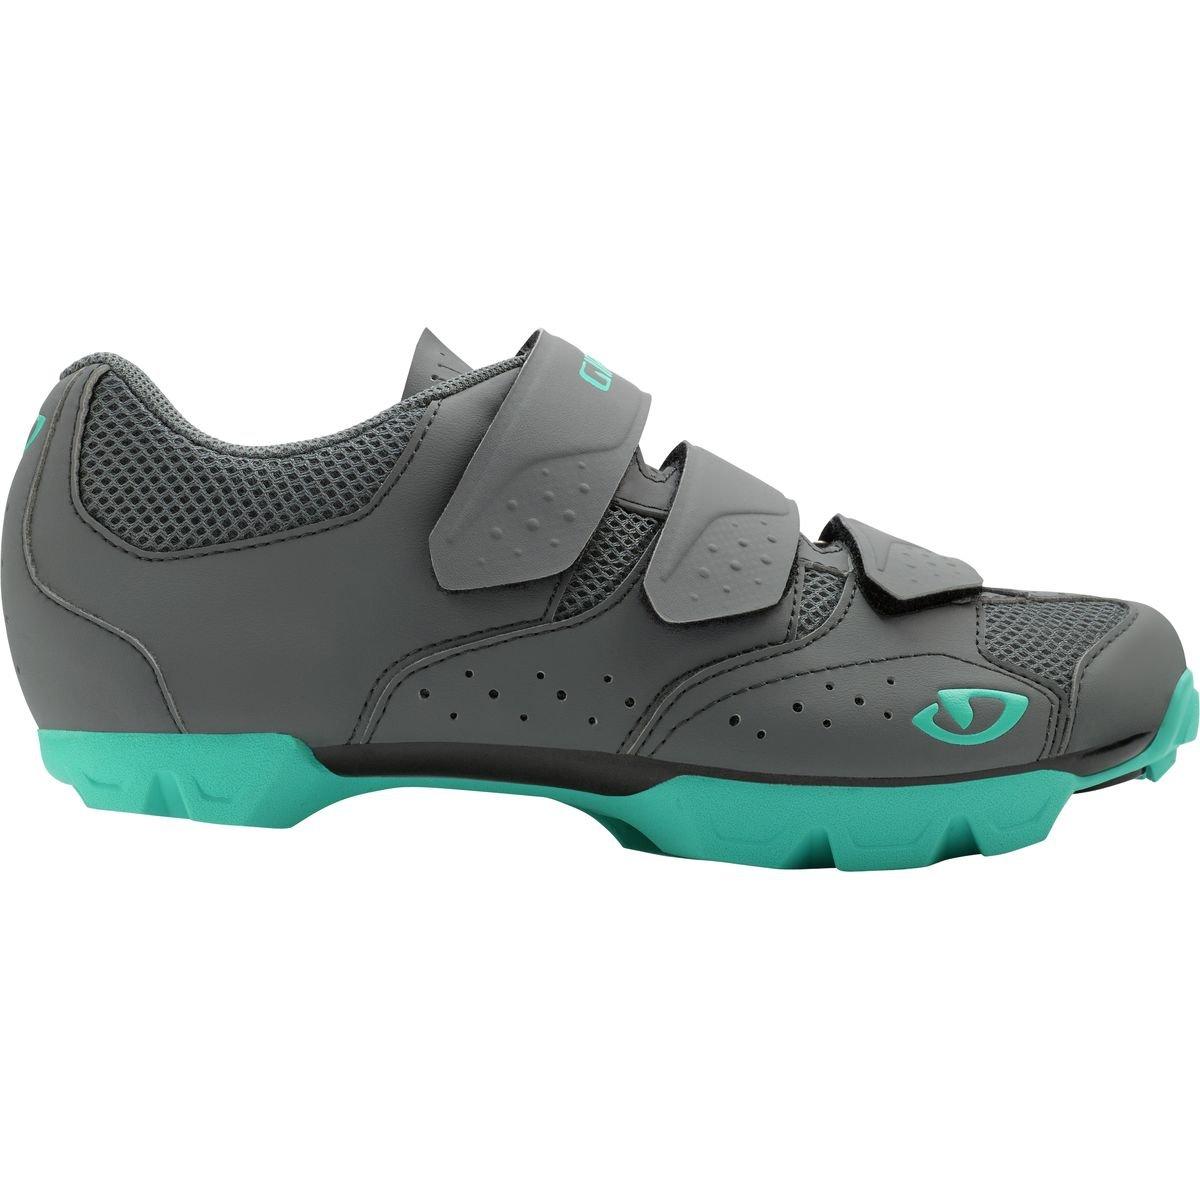 Giro Riela R II Cycling Shoes - Women's Dark Shadow/Glacier 37